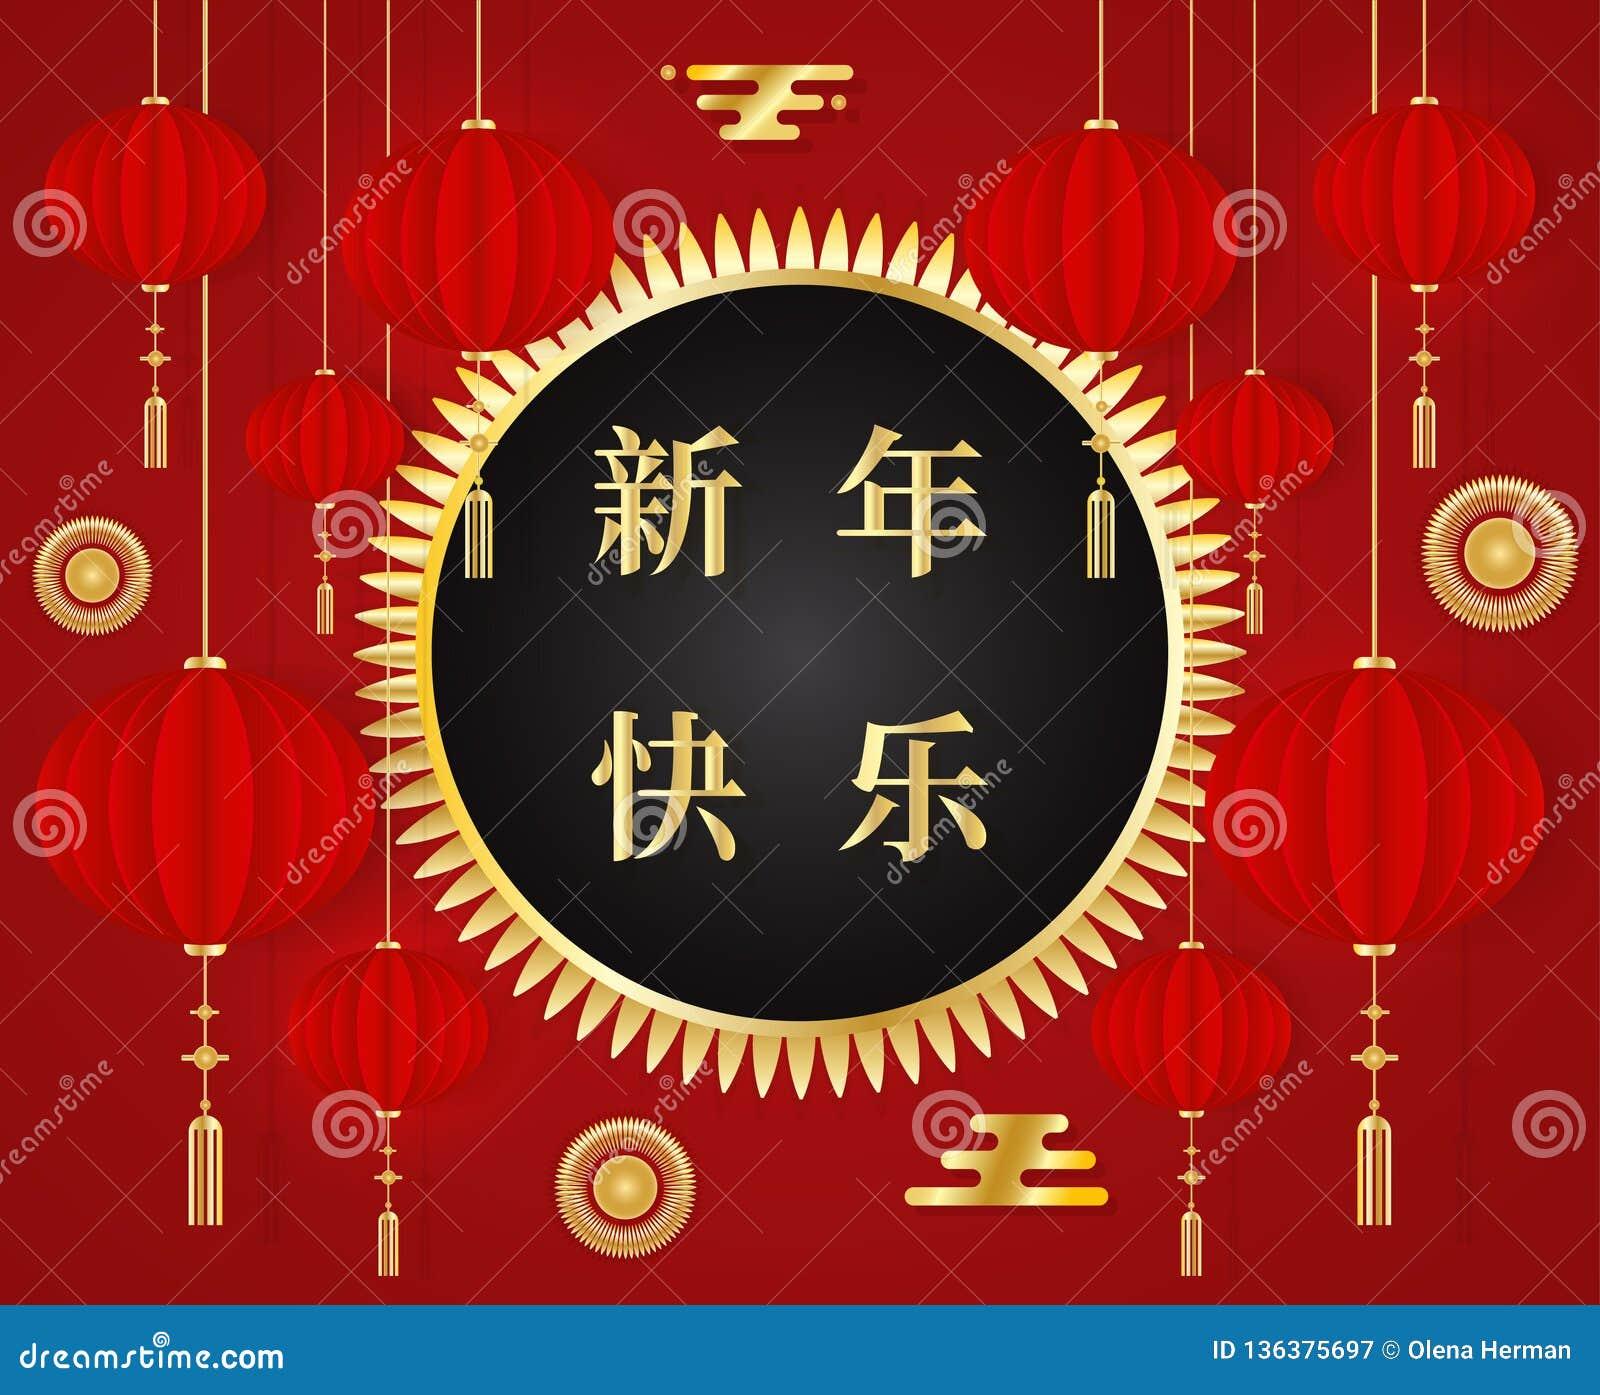 Chiński 2019 nowego roku czerwona kartka z pozdrowieniami z tradycyjną Azjatycką dekoracją, złociści elementy na czerwonym tle